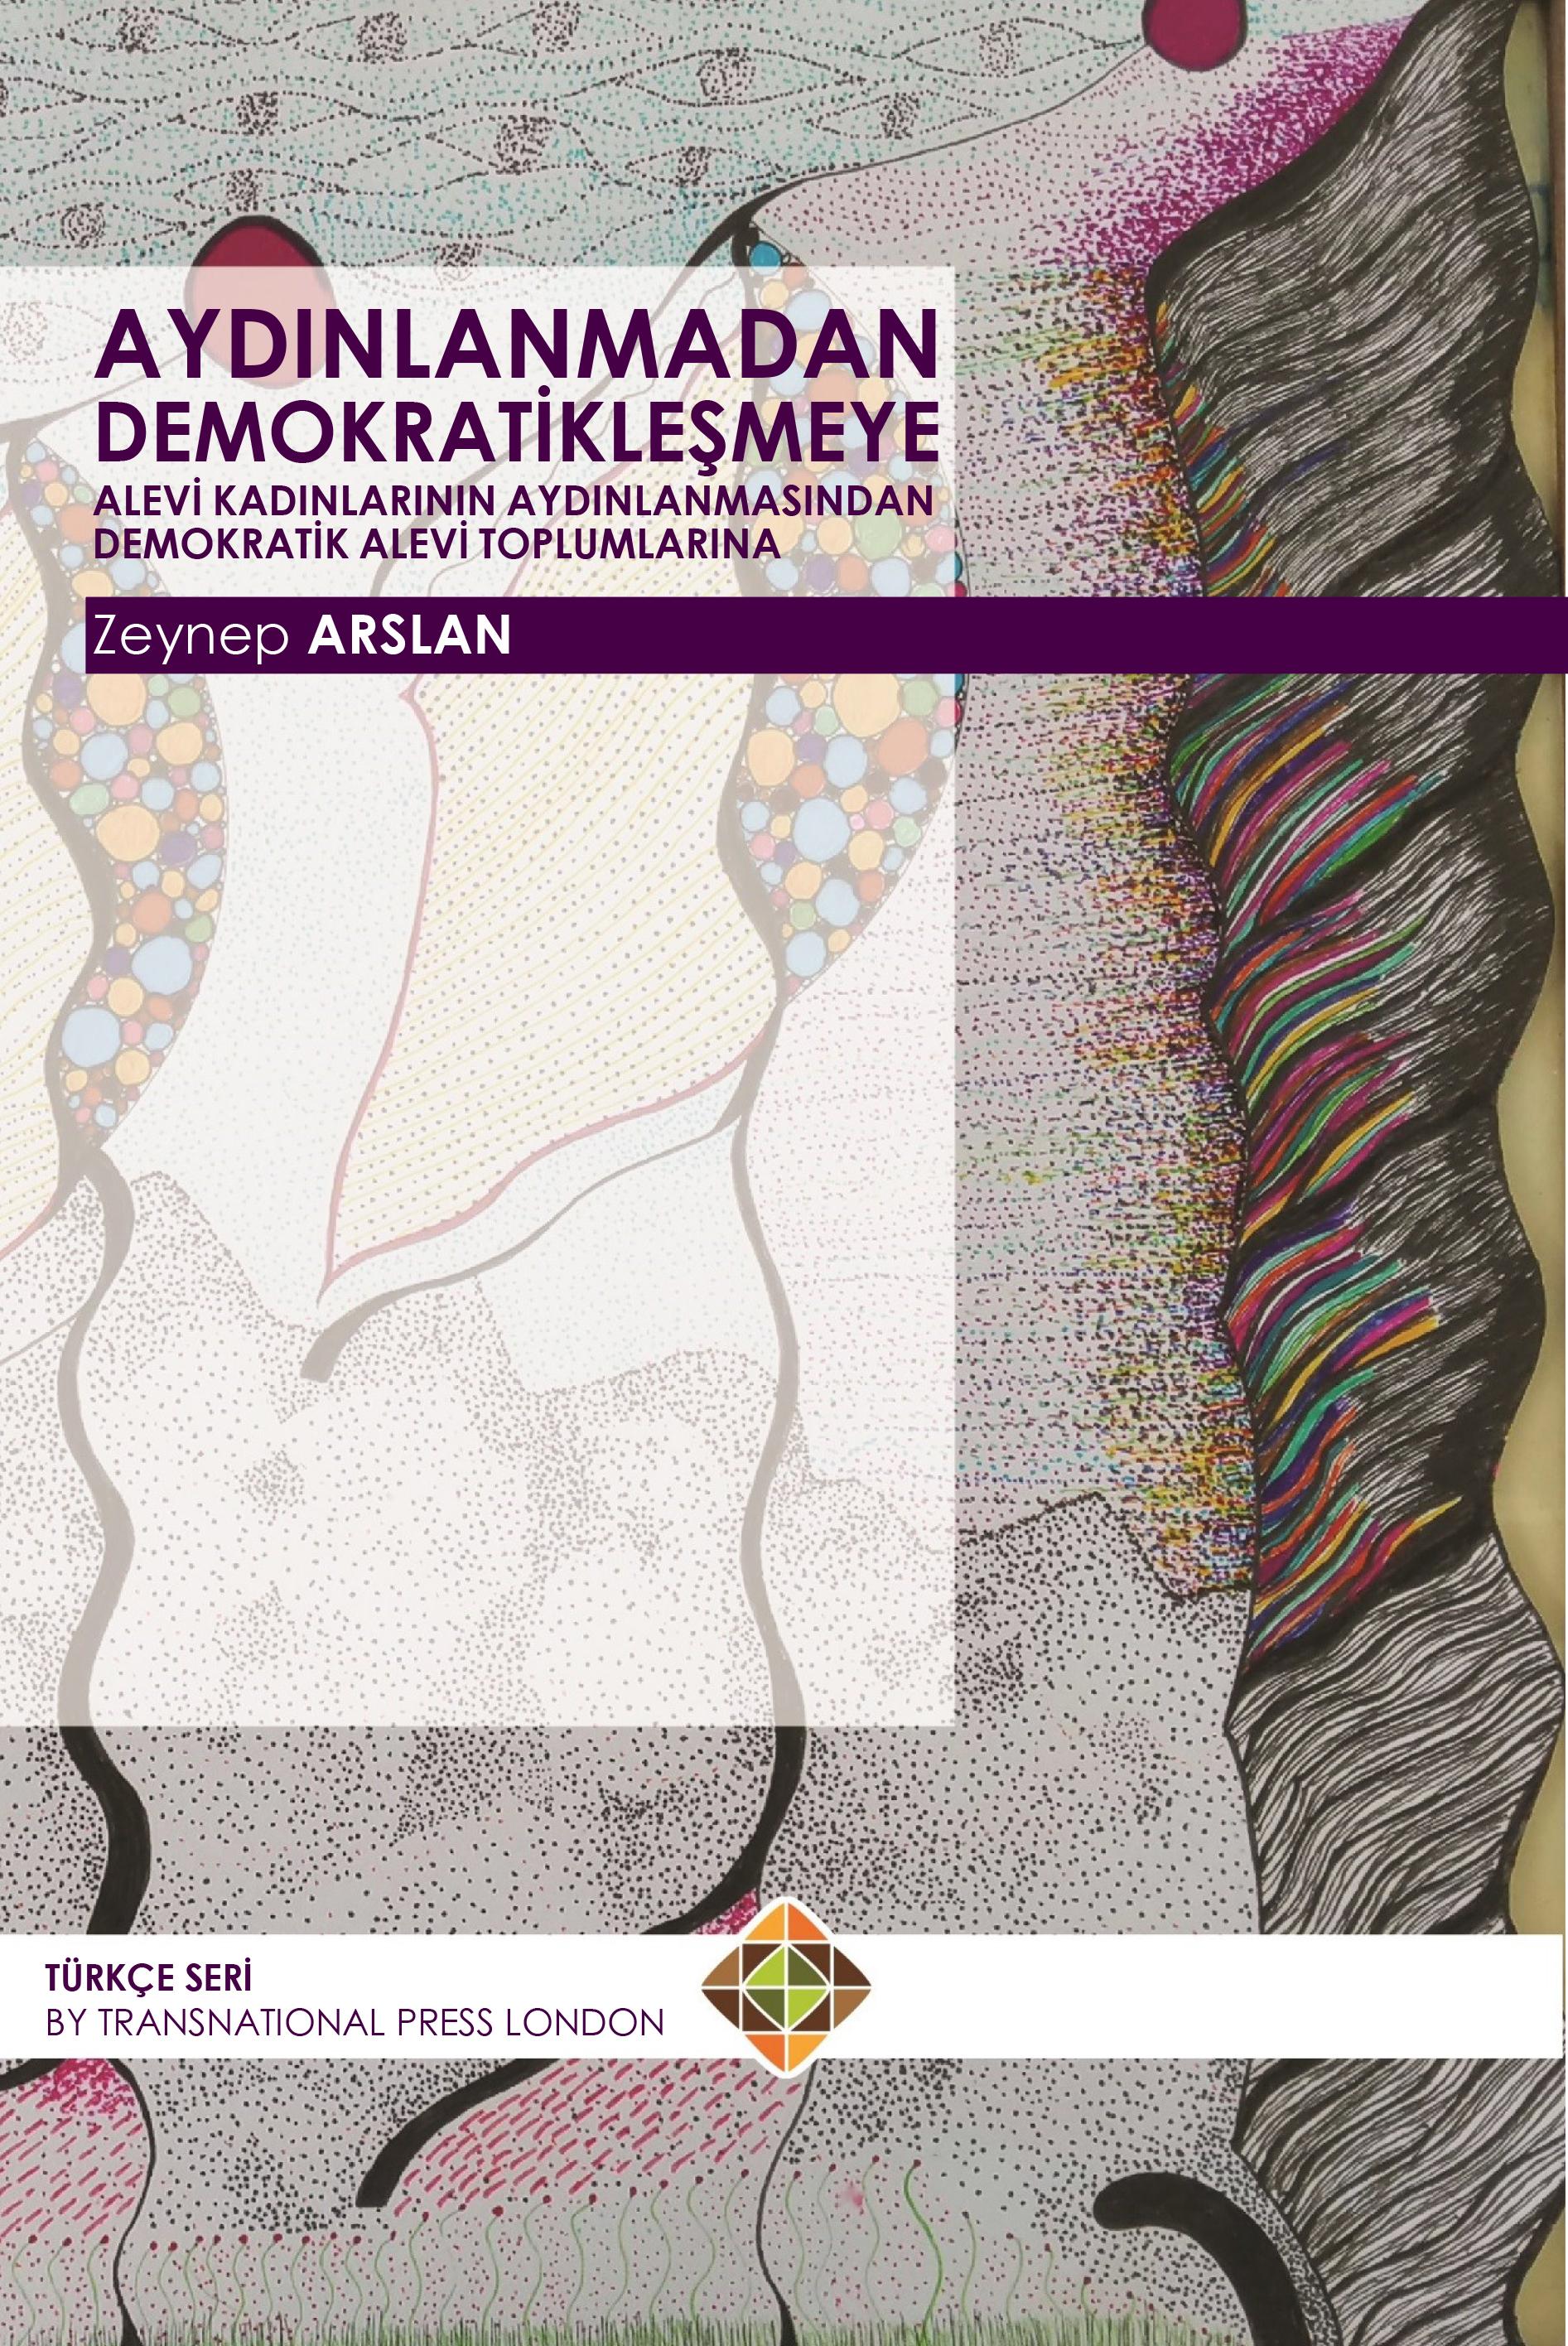 Aydınlanmadan Demokratikleşmeye Alevi Kadınlarının Aydınlanmasından Demokratik Alevi Toplumlarına